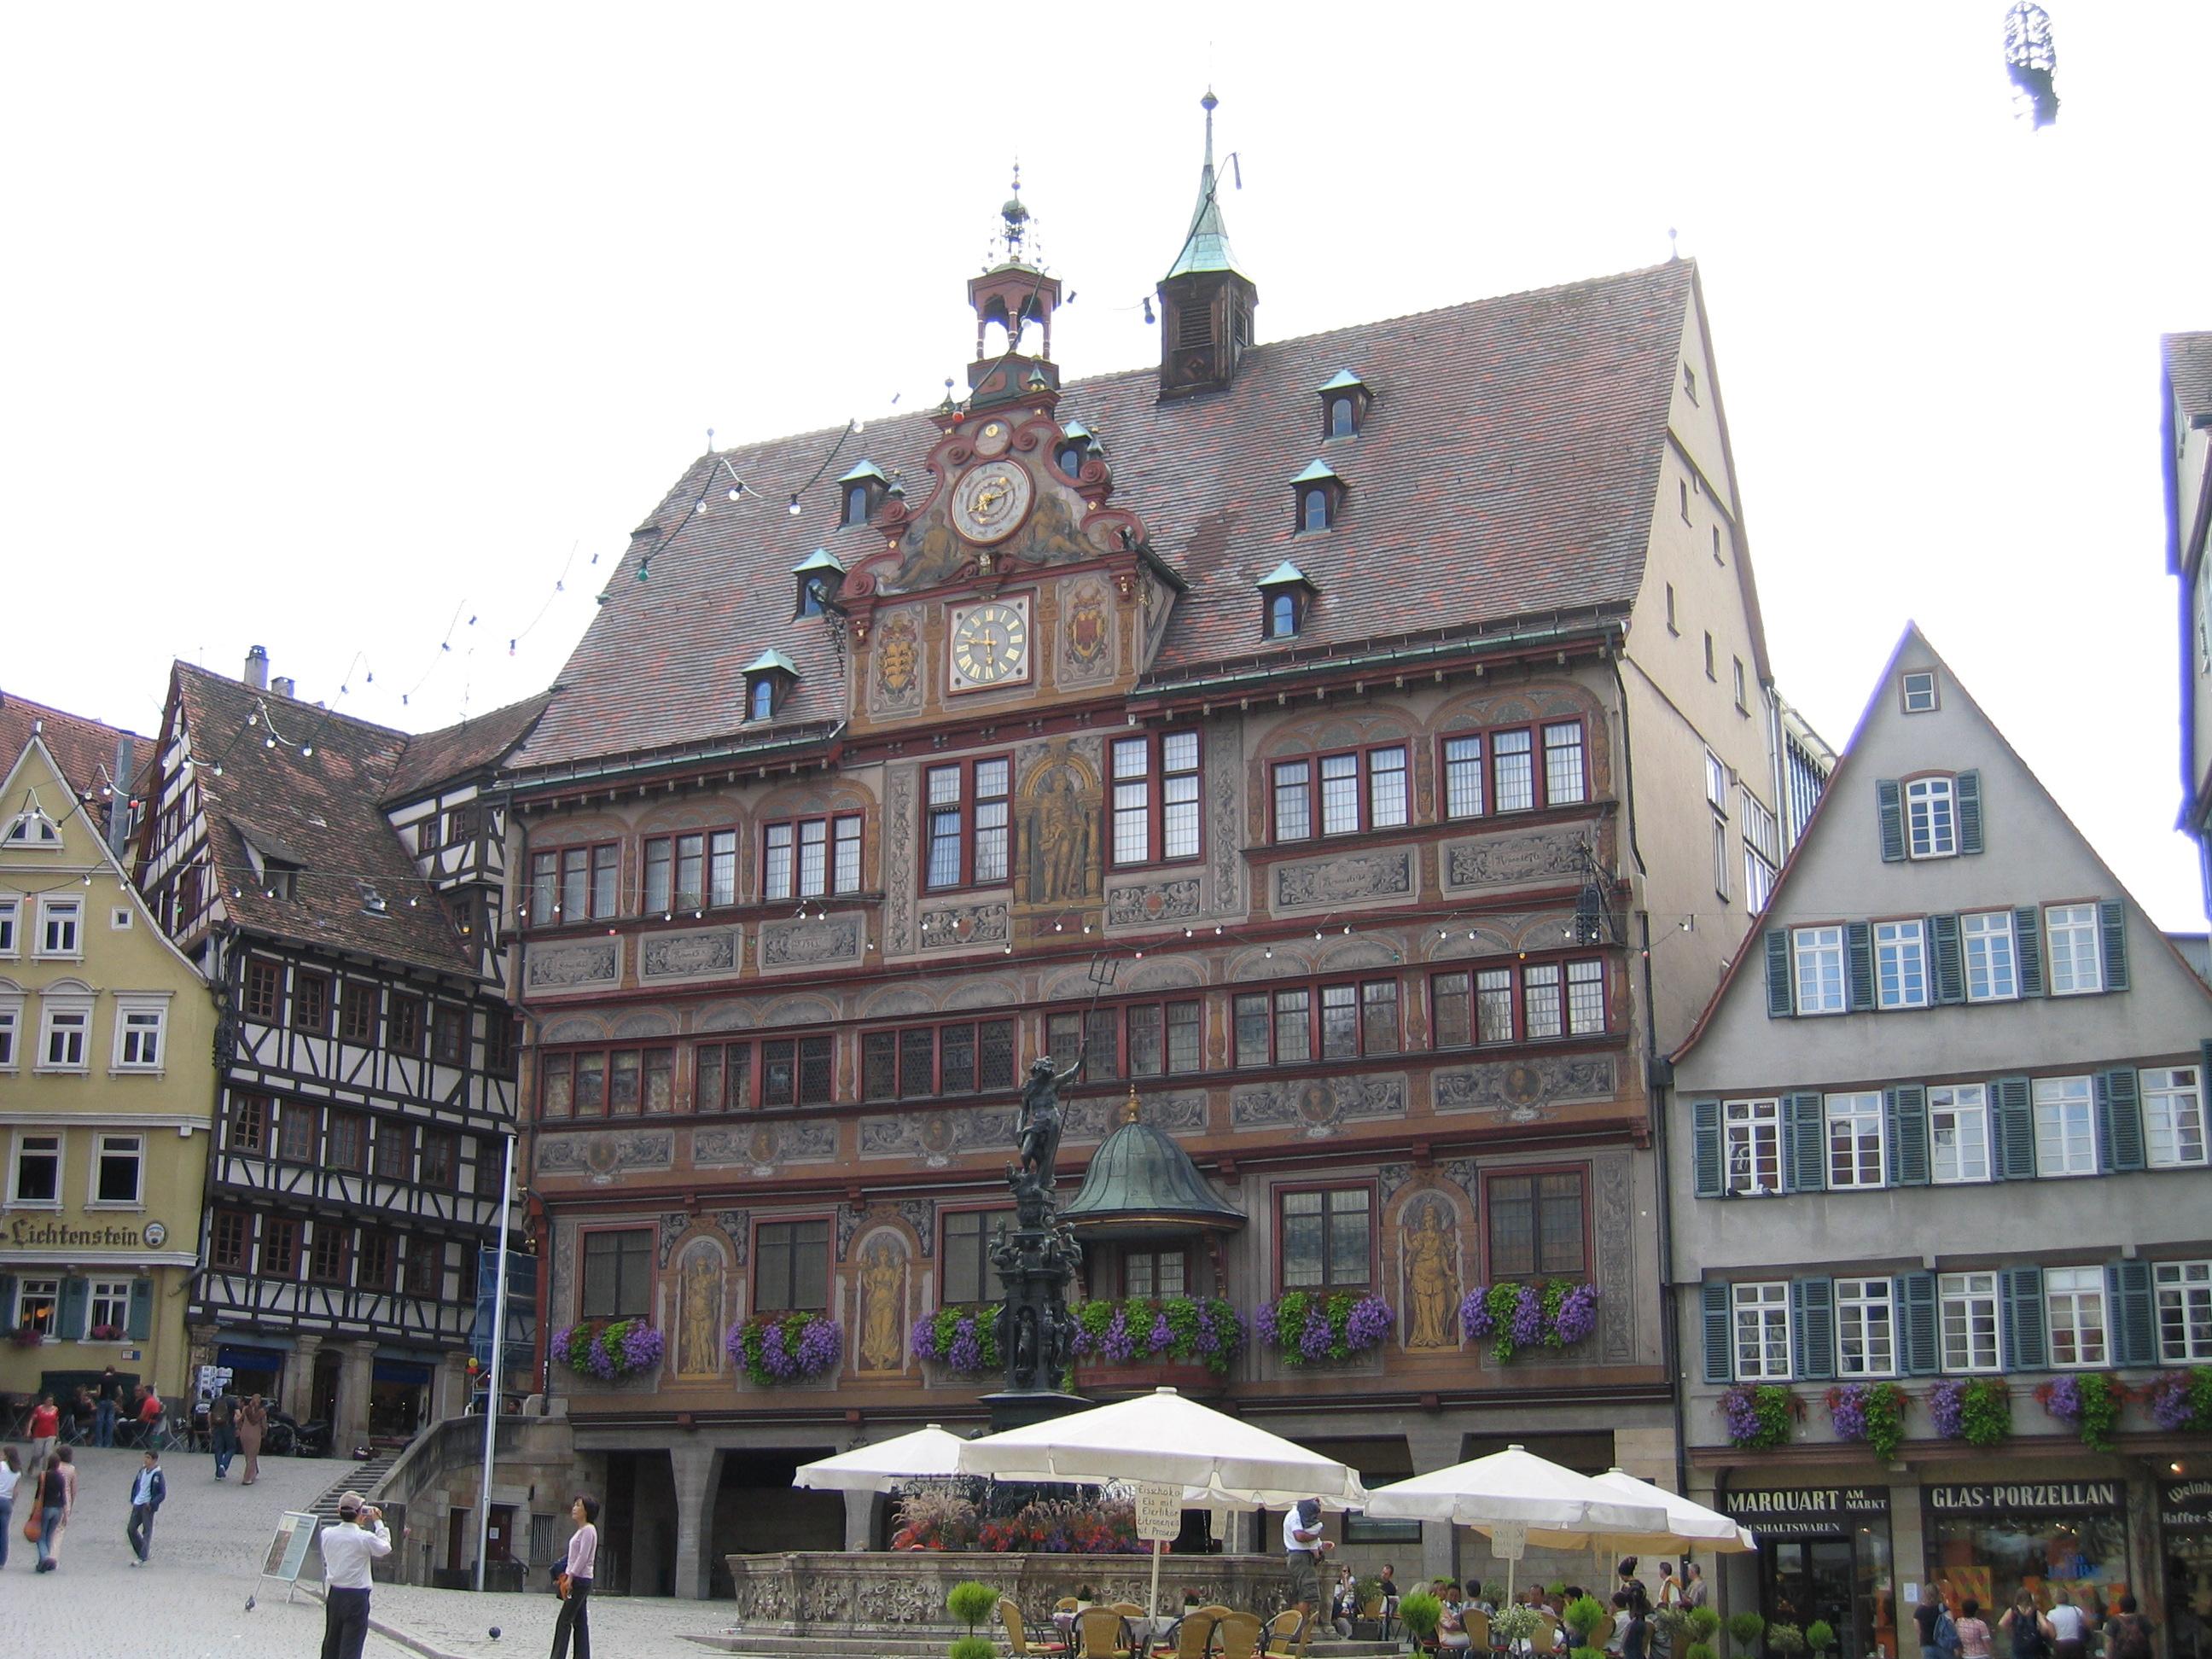 Tübingen town hall